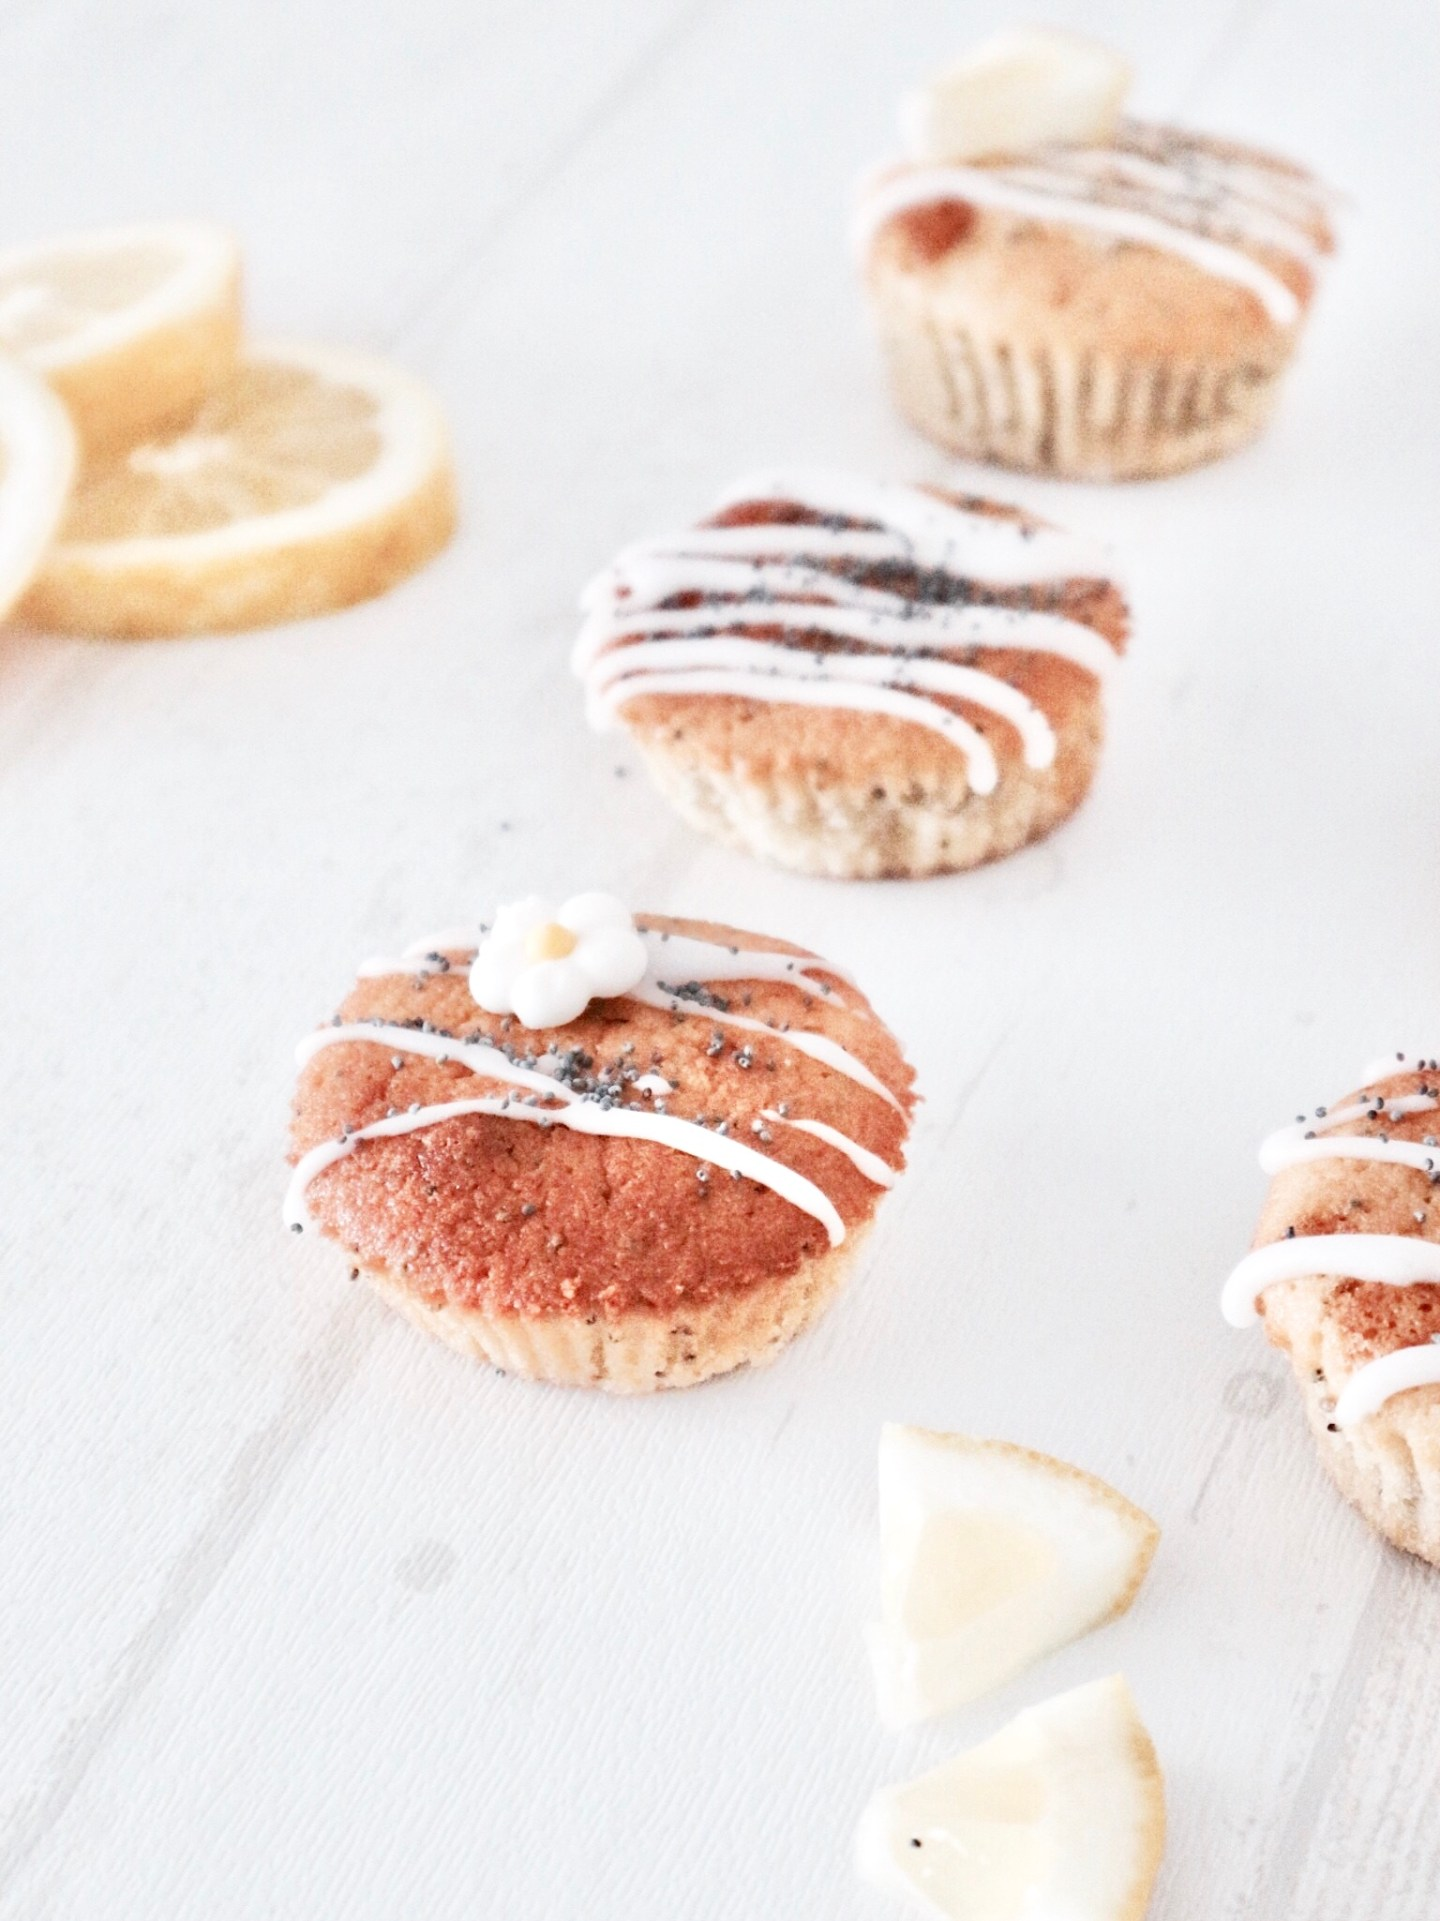 Easy Peasy Lemon Squeezy | Lemon Poppy Seed Cupcakes